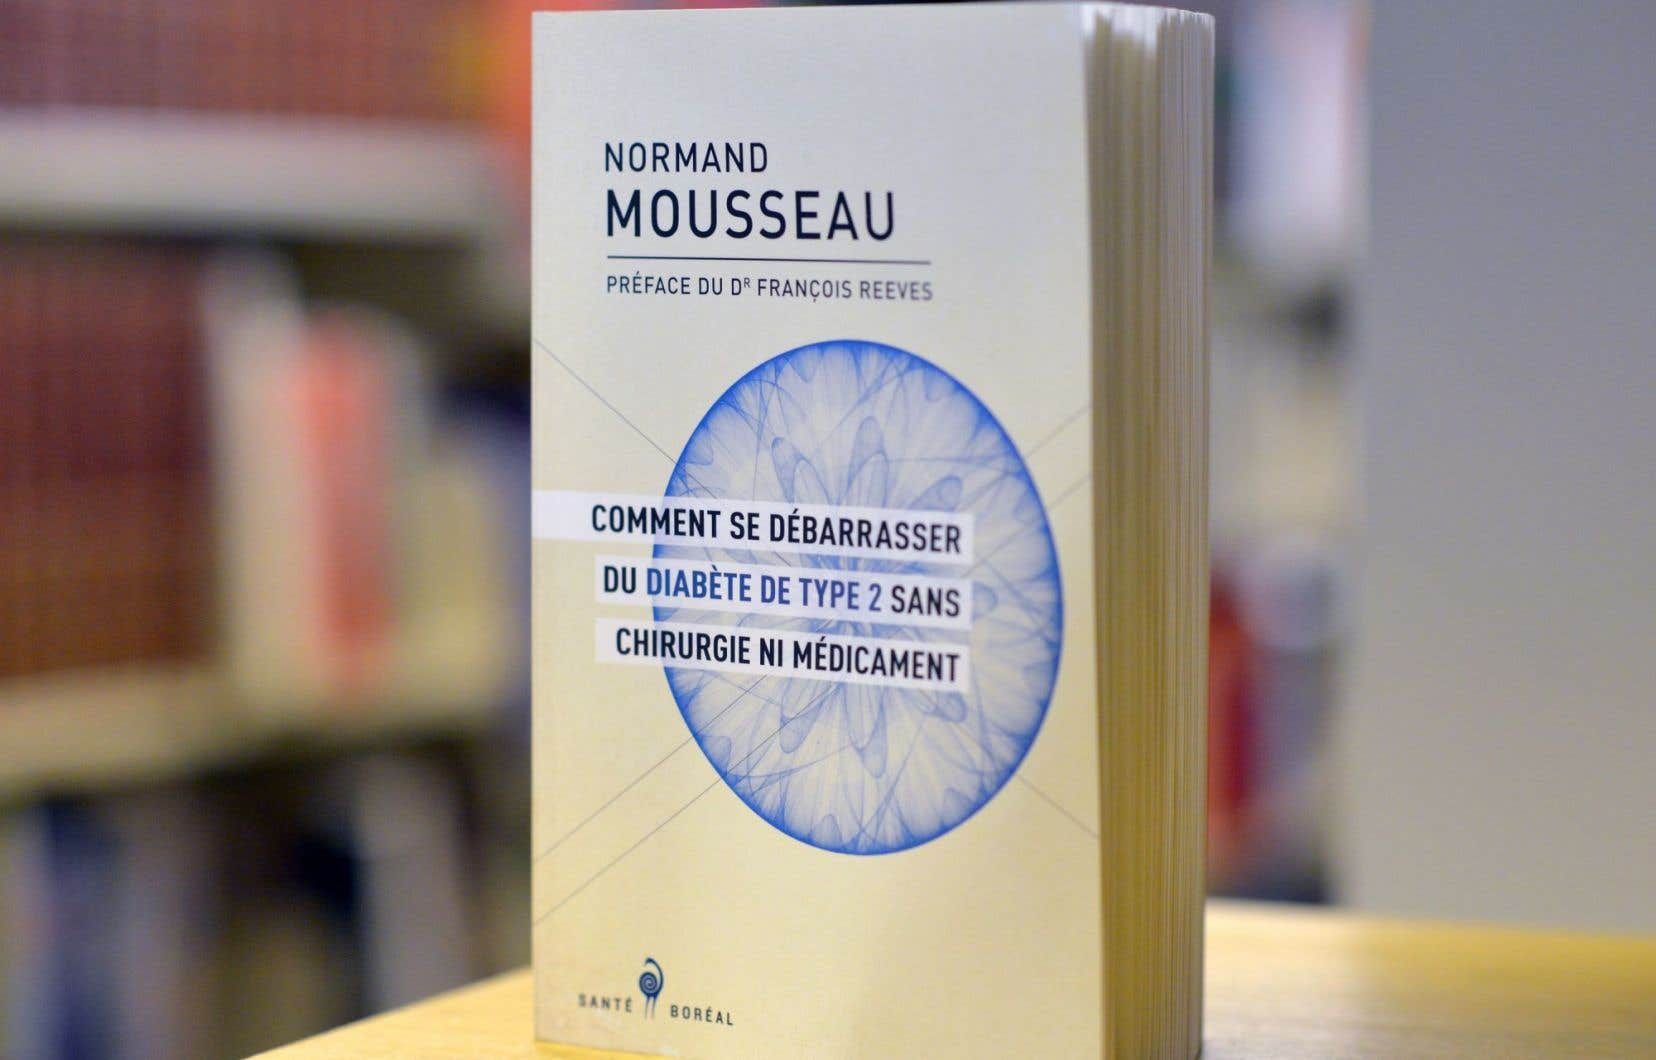 Le plus récent livre de Normand Mousseau, «Comment se débarrasser du diabète de type 2 sans chirurgie ni médicament?»